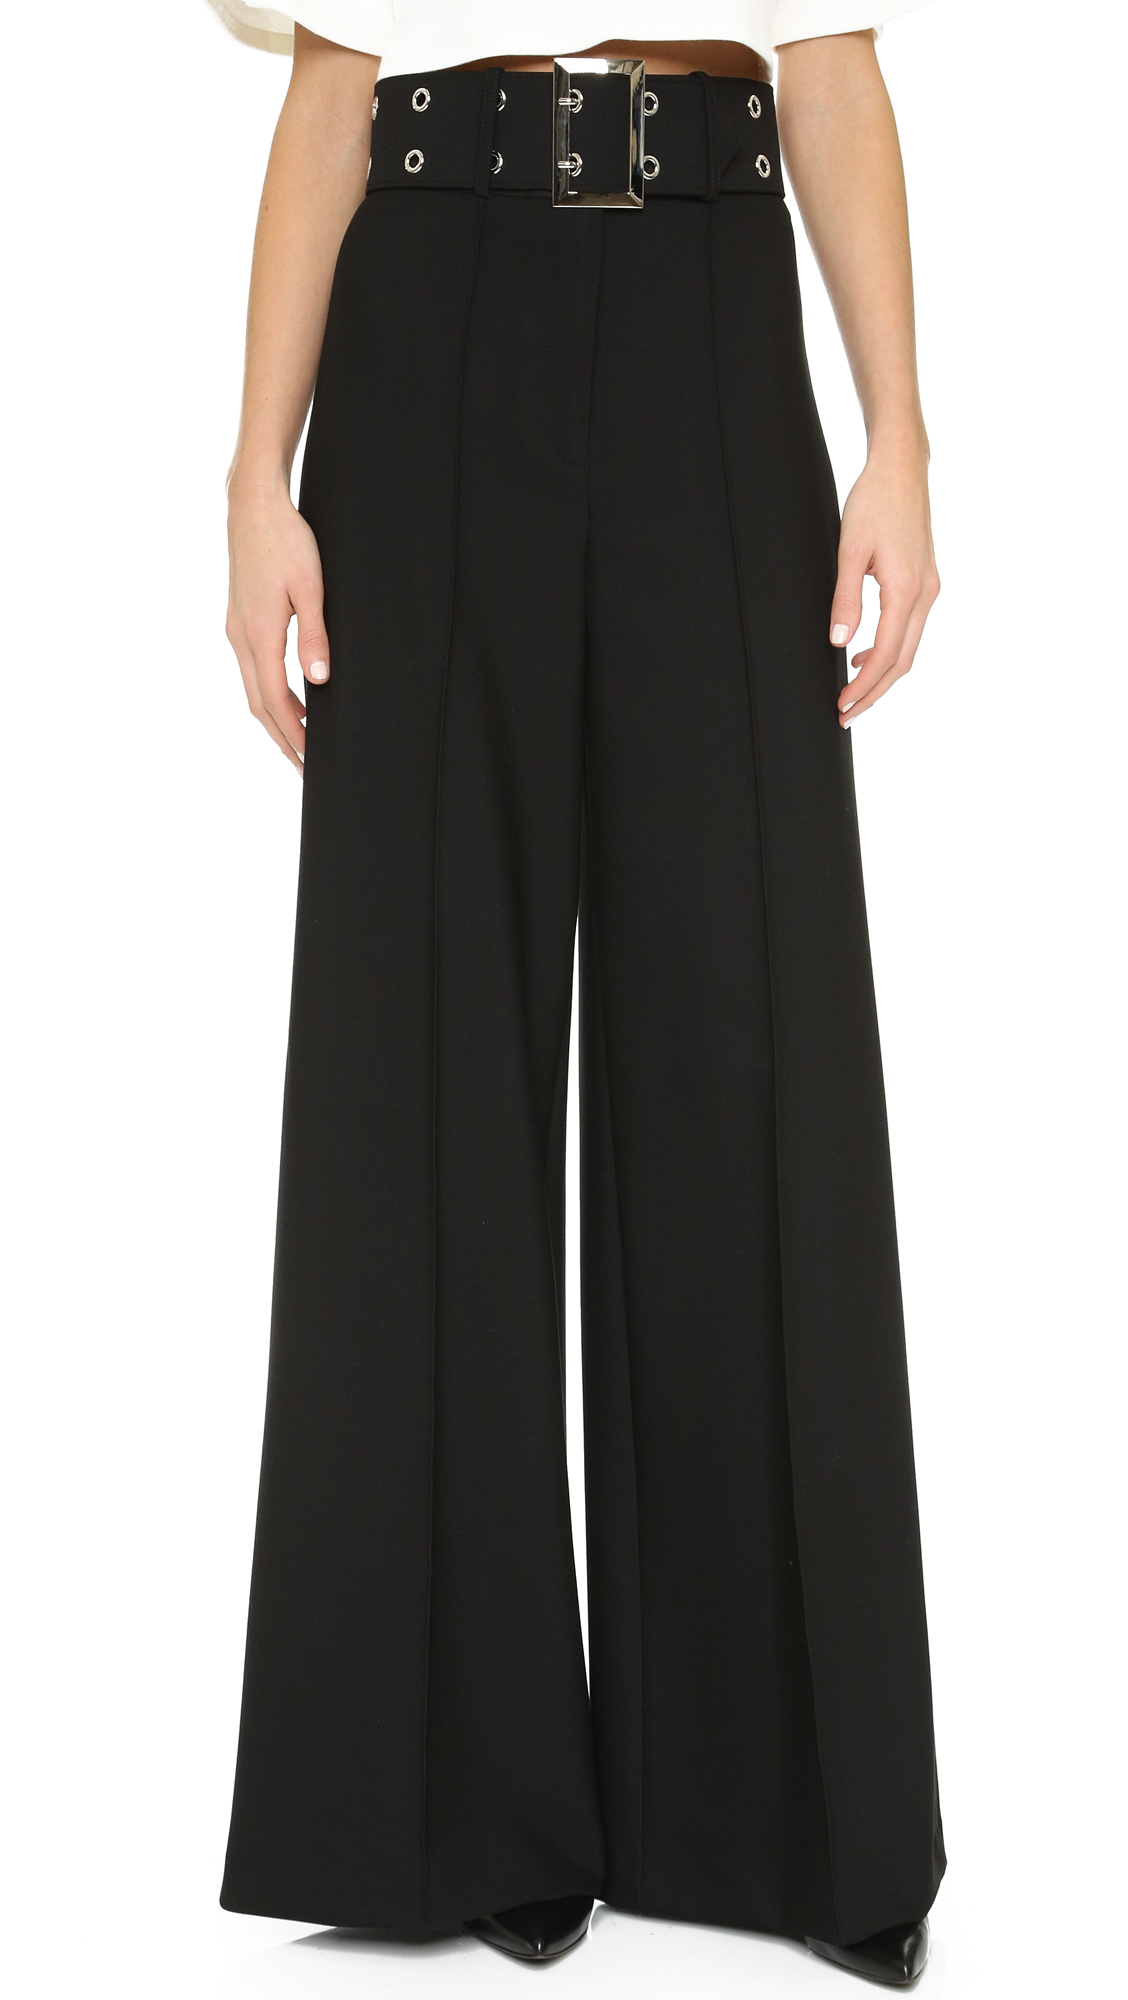 Lyst - Milly široke hlače za noge v črni barvi-5835